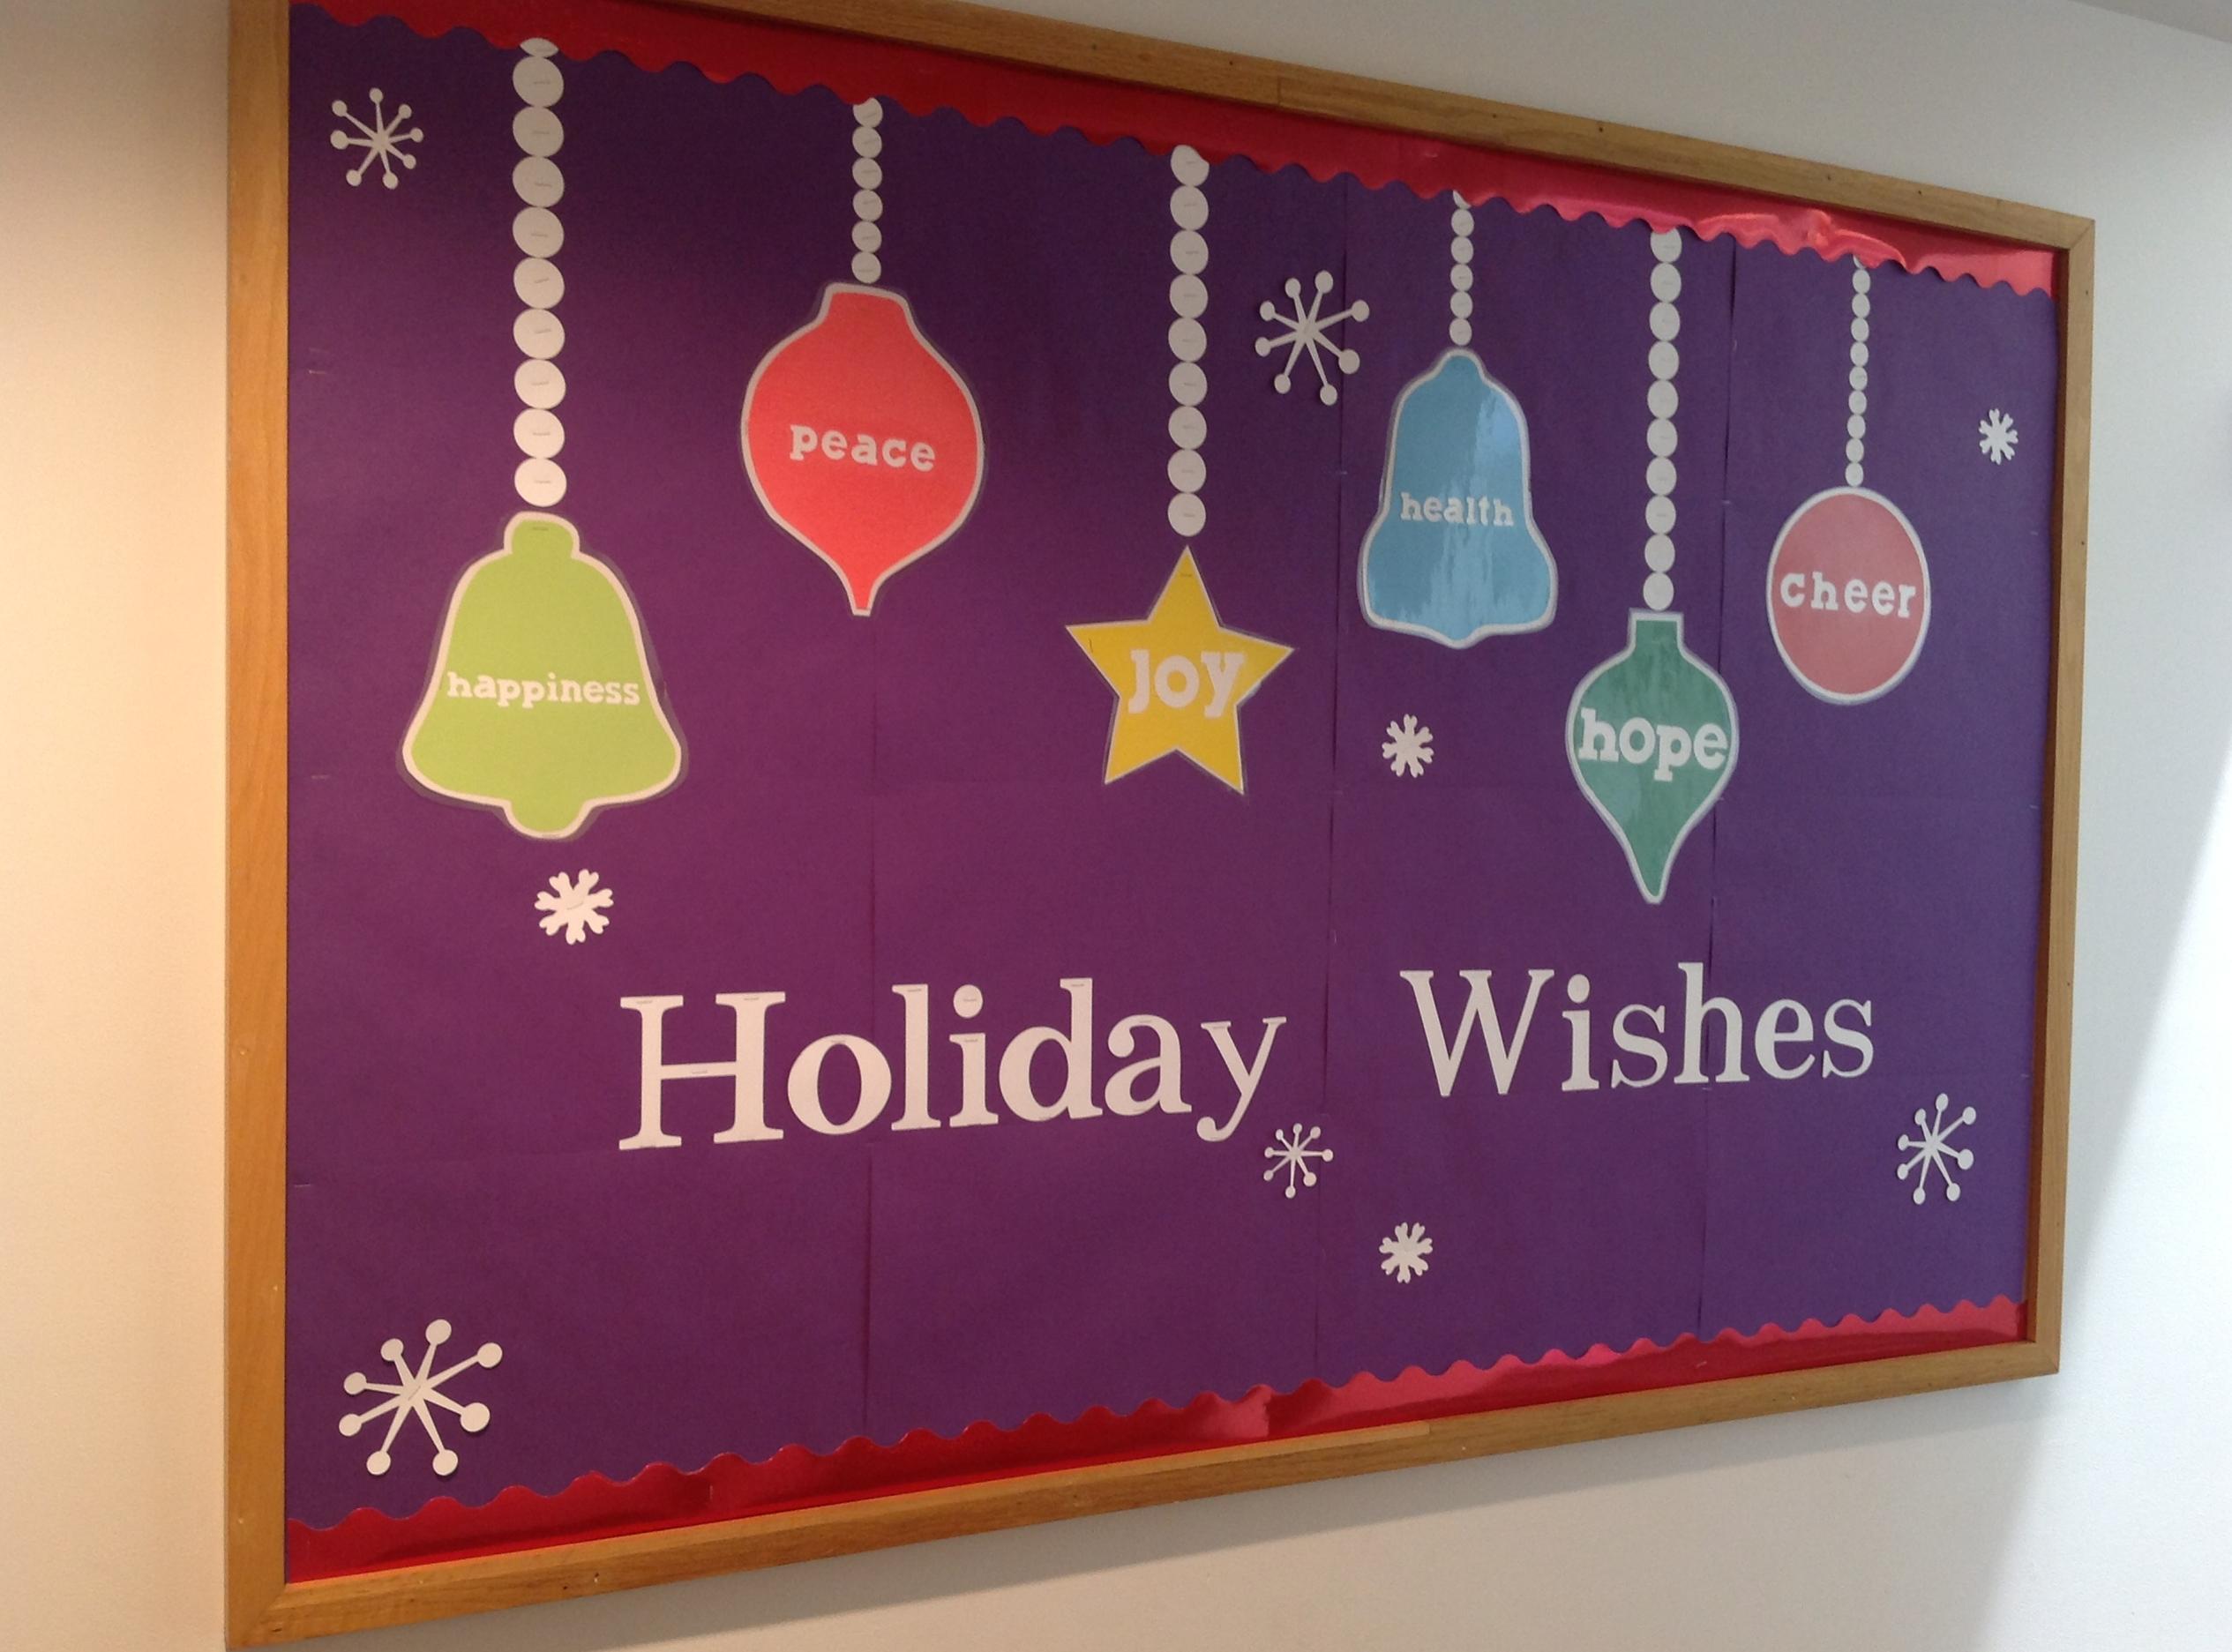 10 Ideal Christmas Church Bulletin Board Ideas christmas bulletin board displays fpl pinterest christmas 1 2020